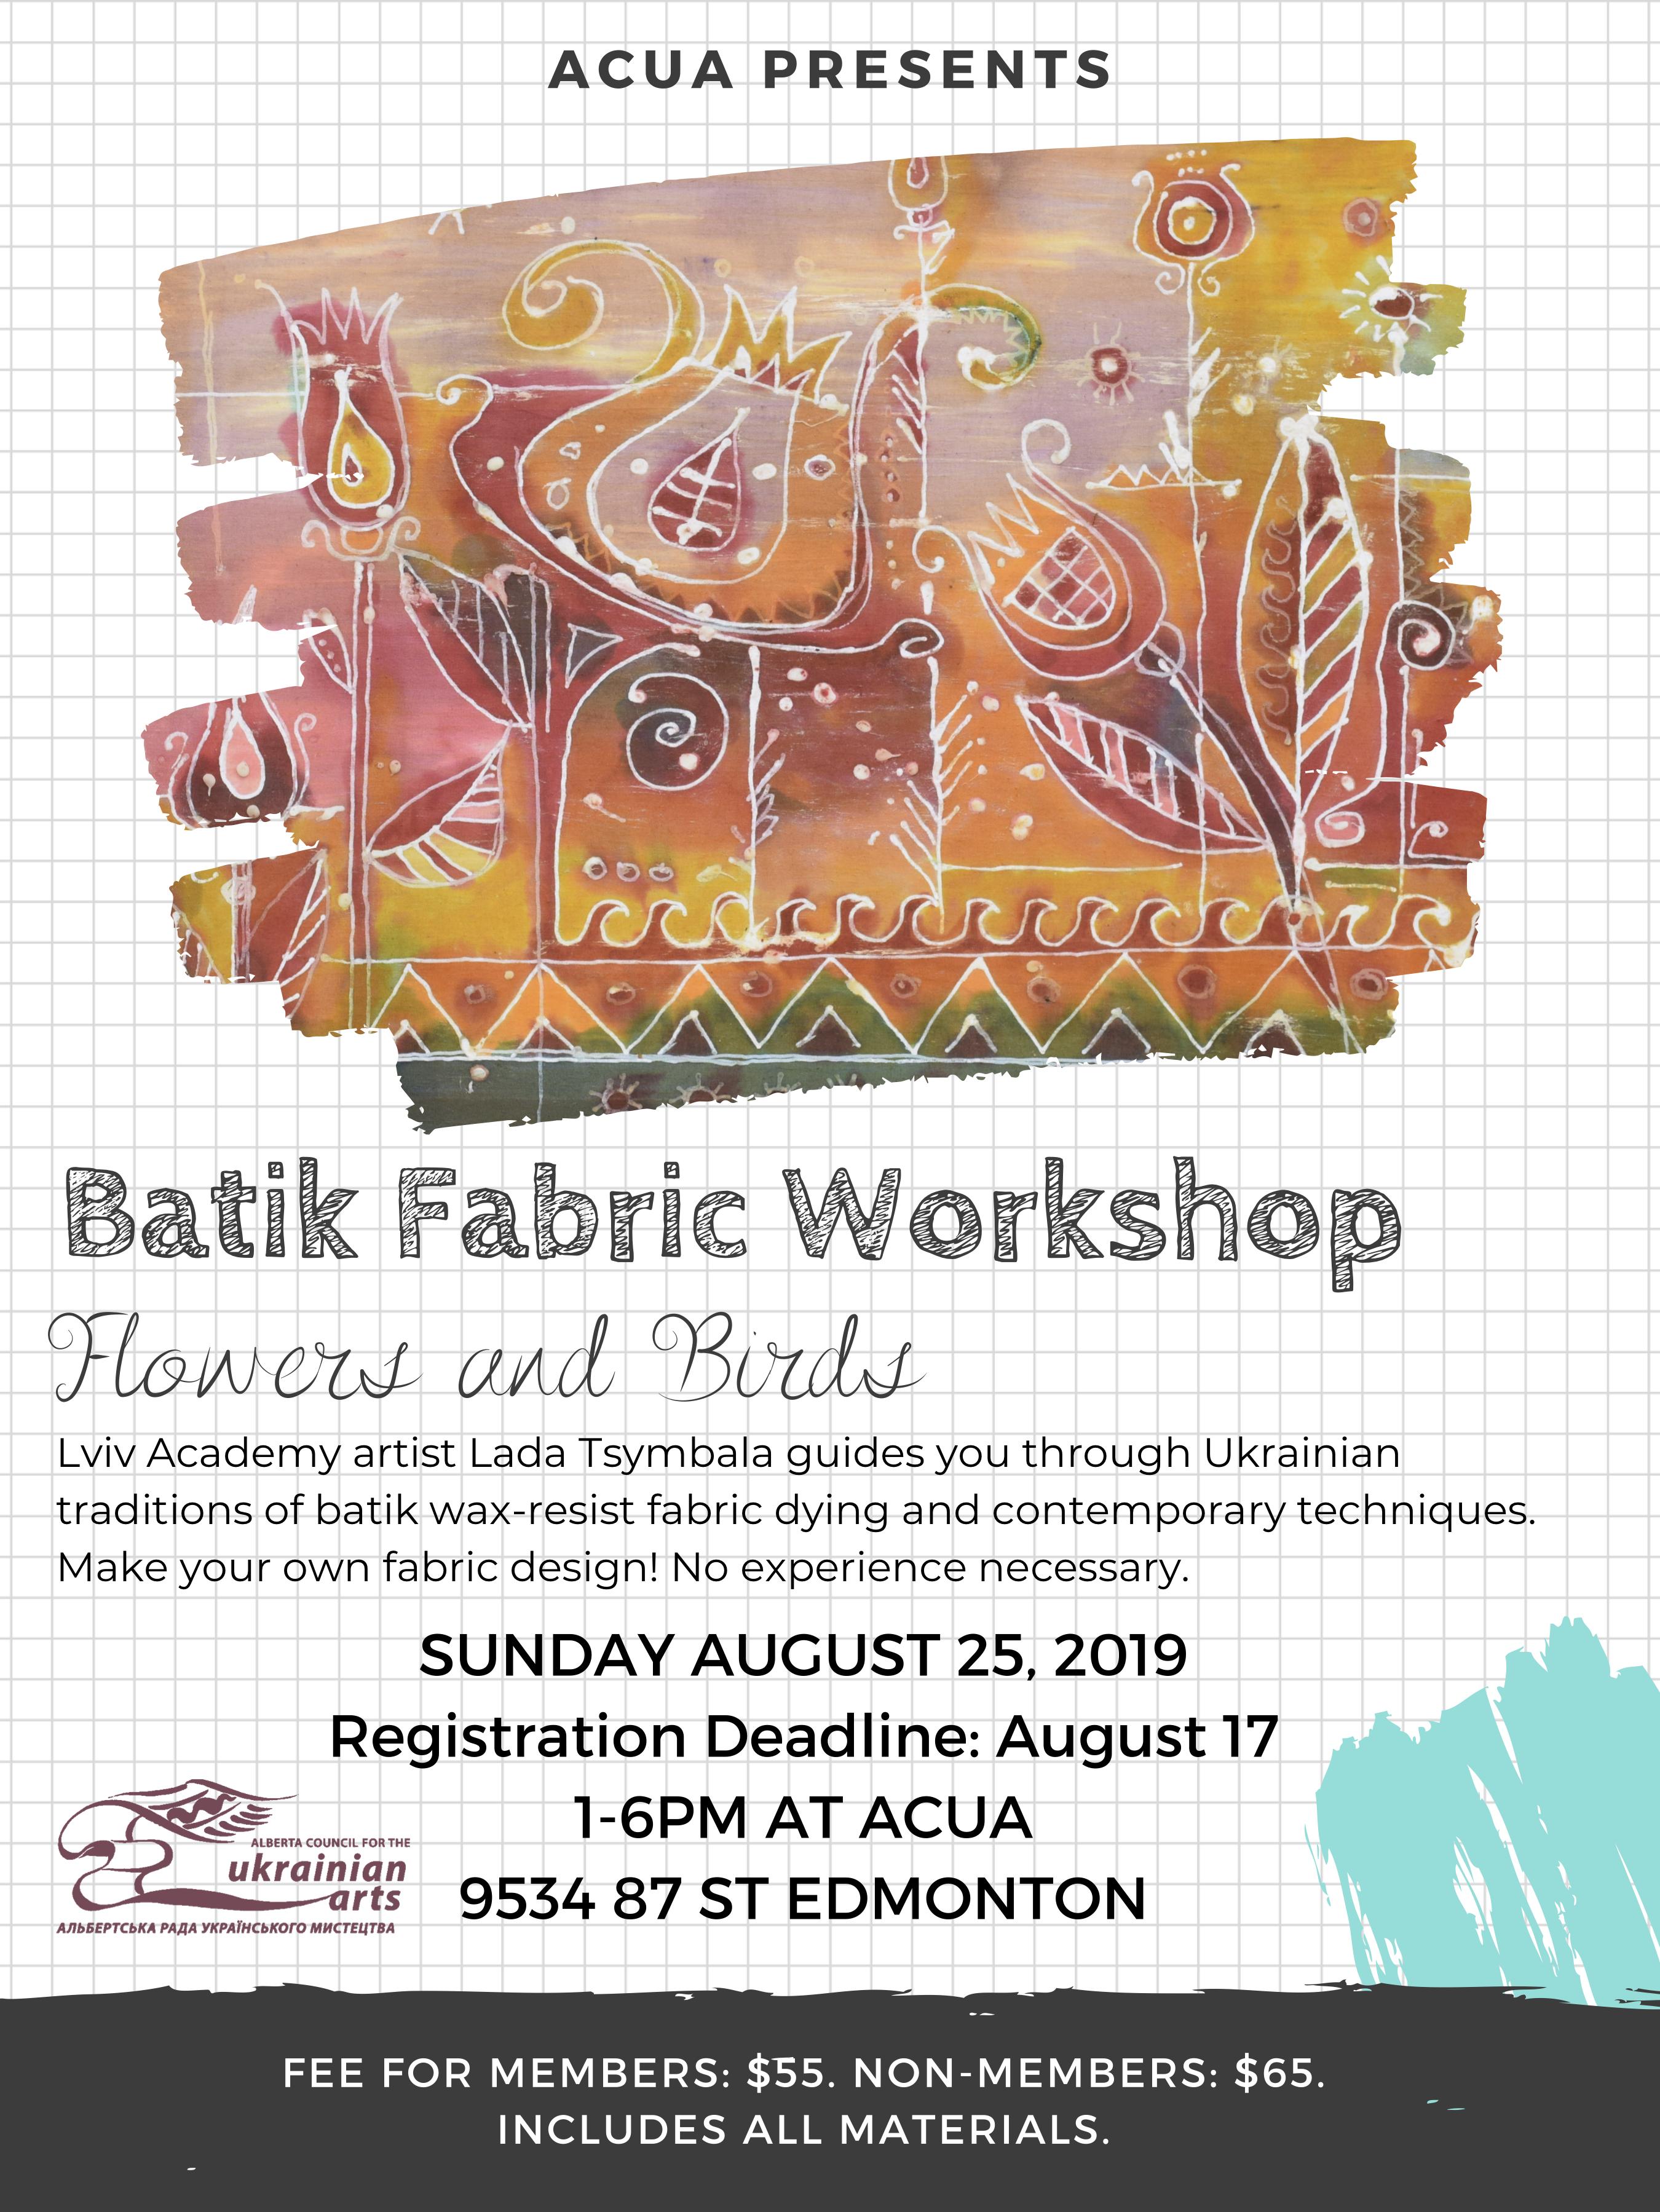 Batik Fabric Workshop - UCC-APC